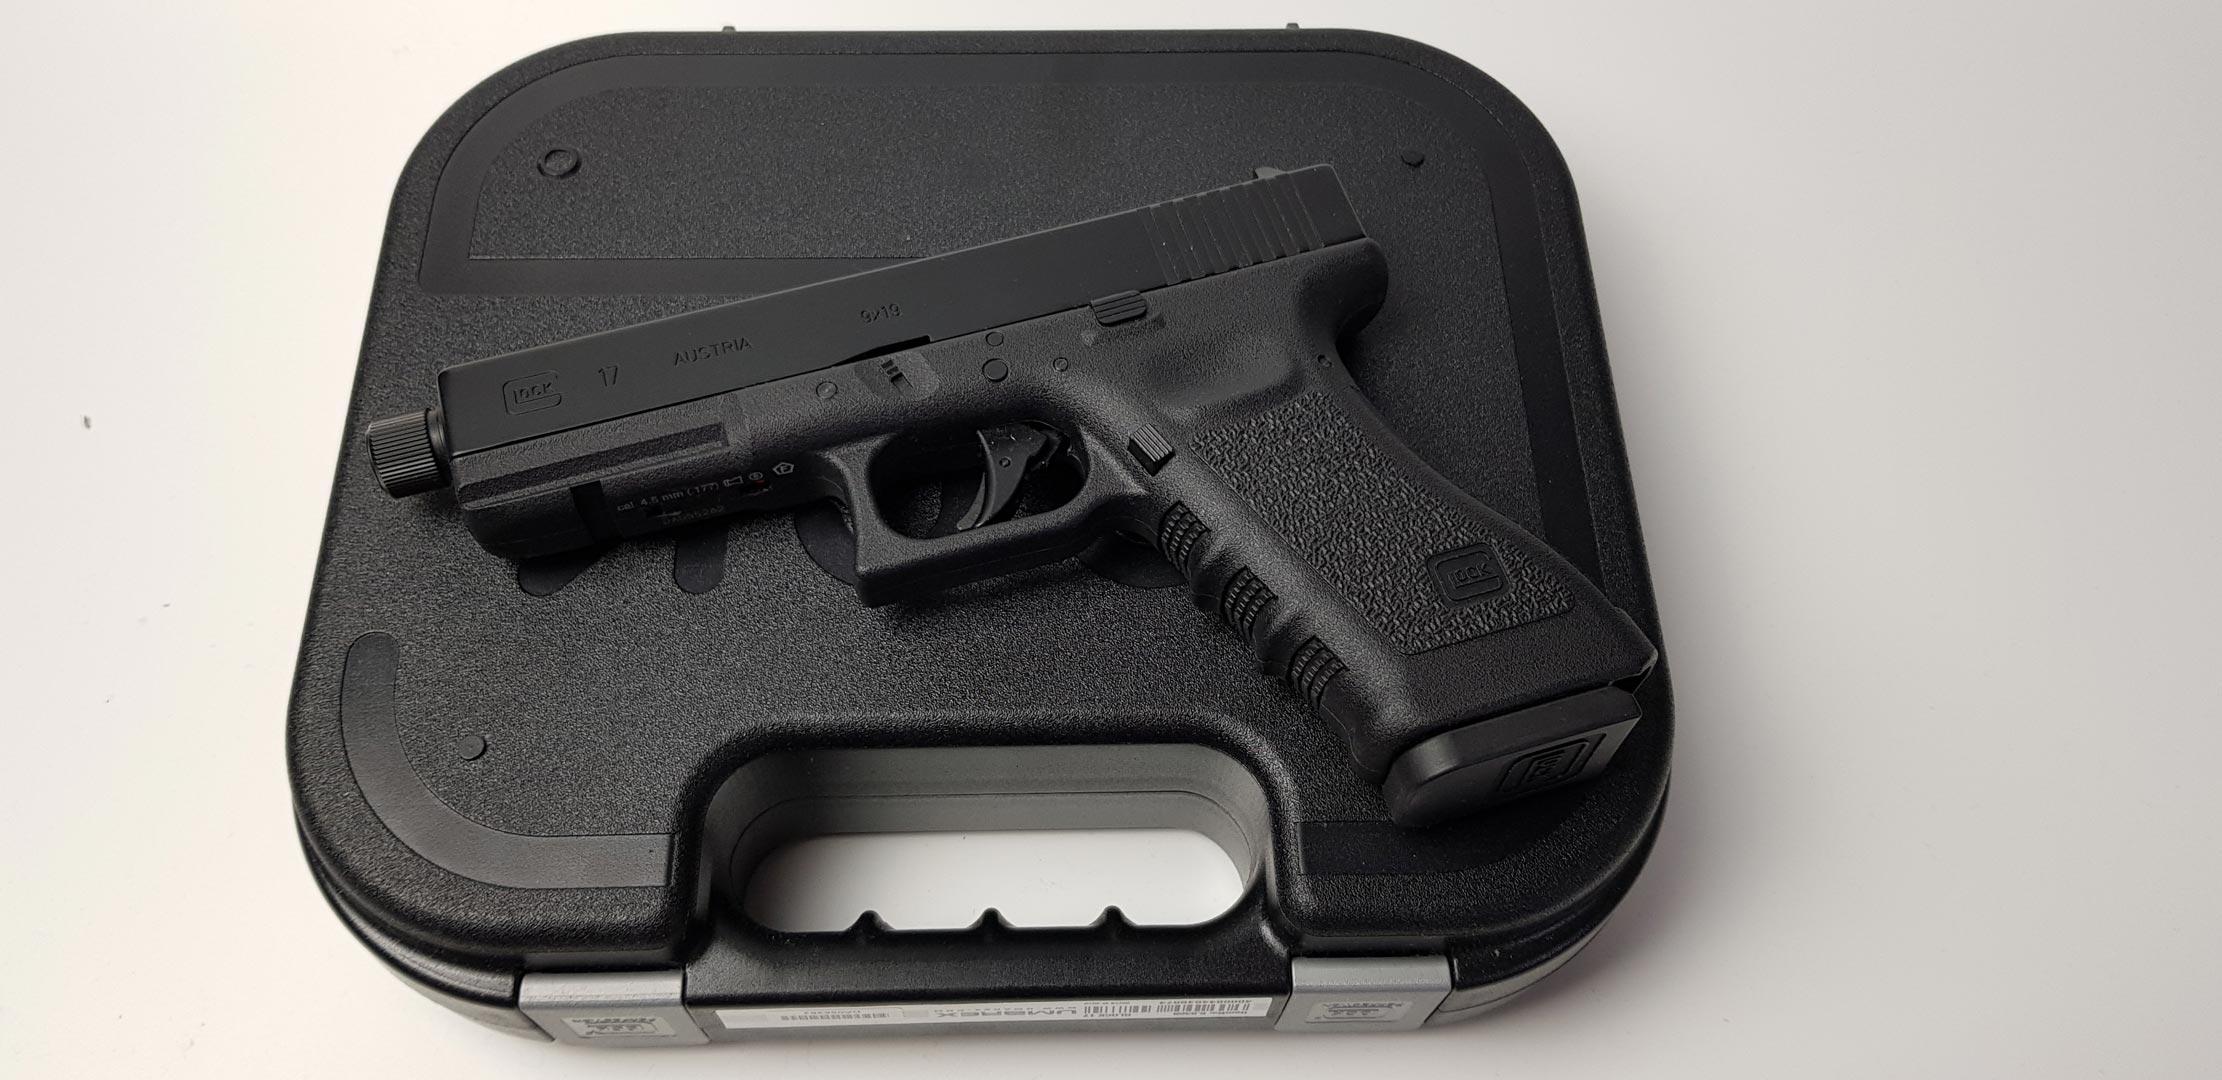 Glock 17 Blowback Co2 Pistole Kaufen Erfahrungen Und Schusstest Fiv Magazin